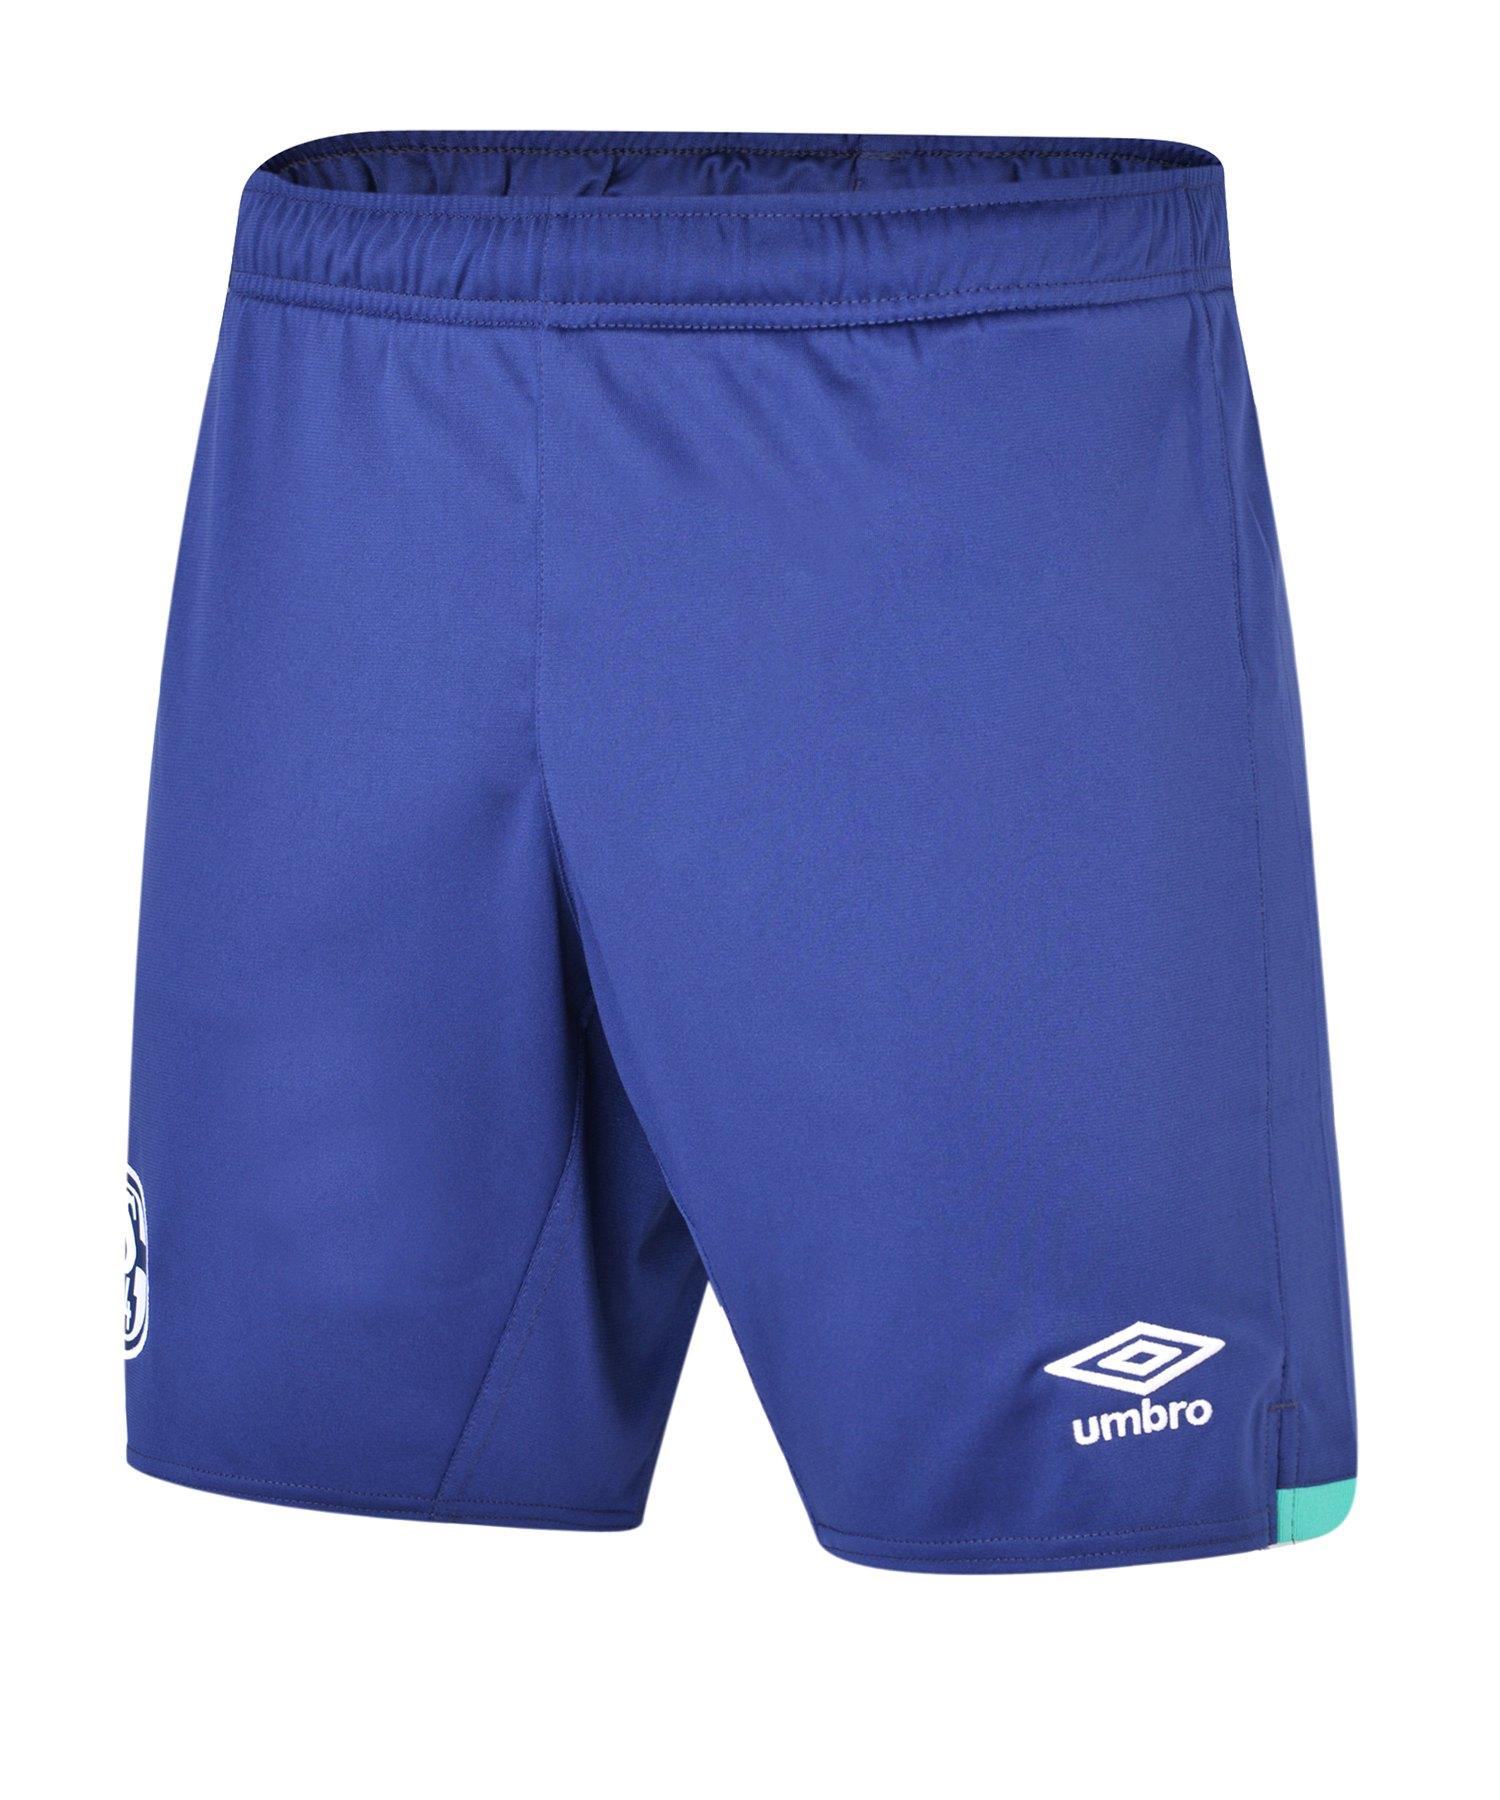 Umbro FC Schalke 04 Short Away 2019/2020 - weiss